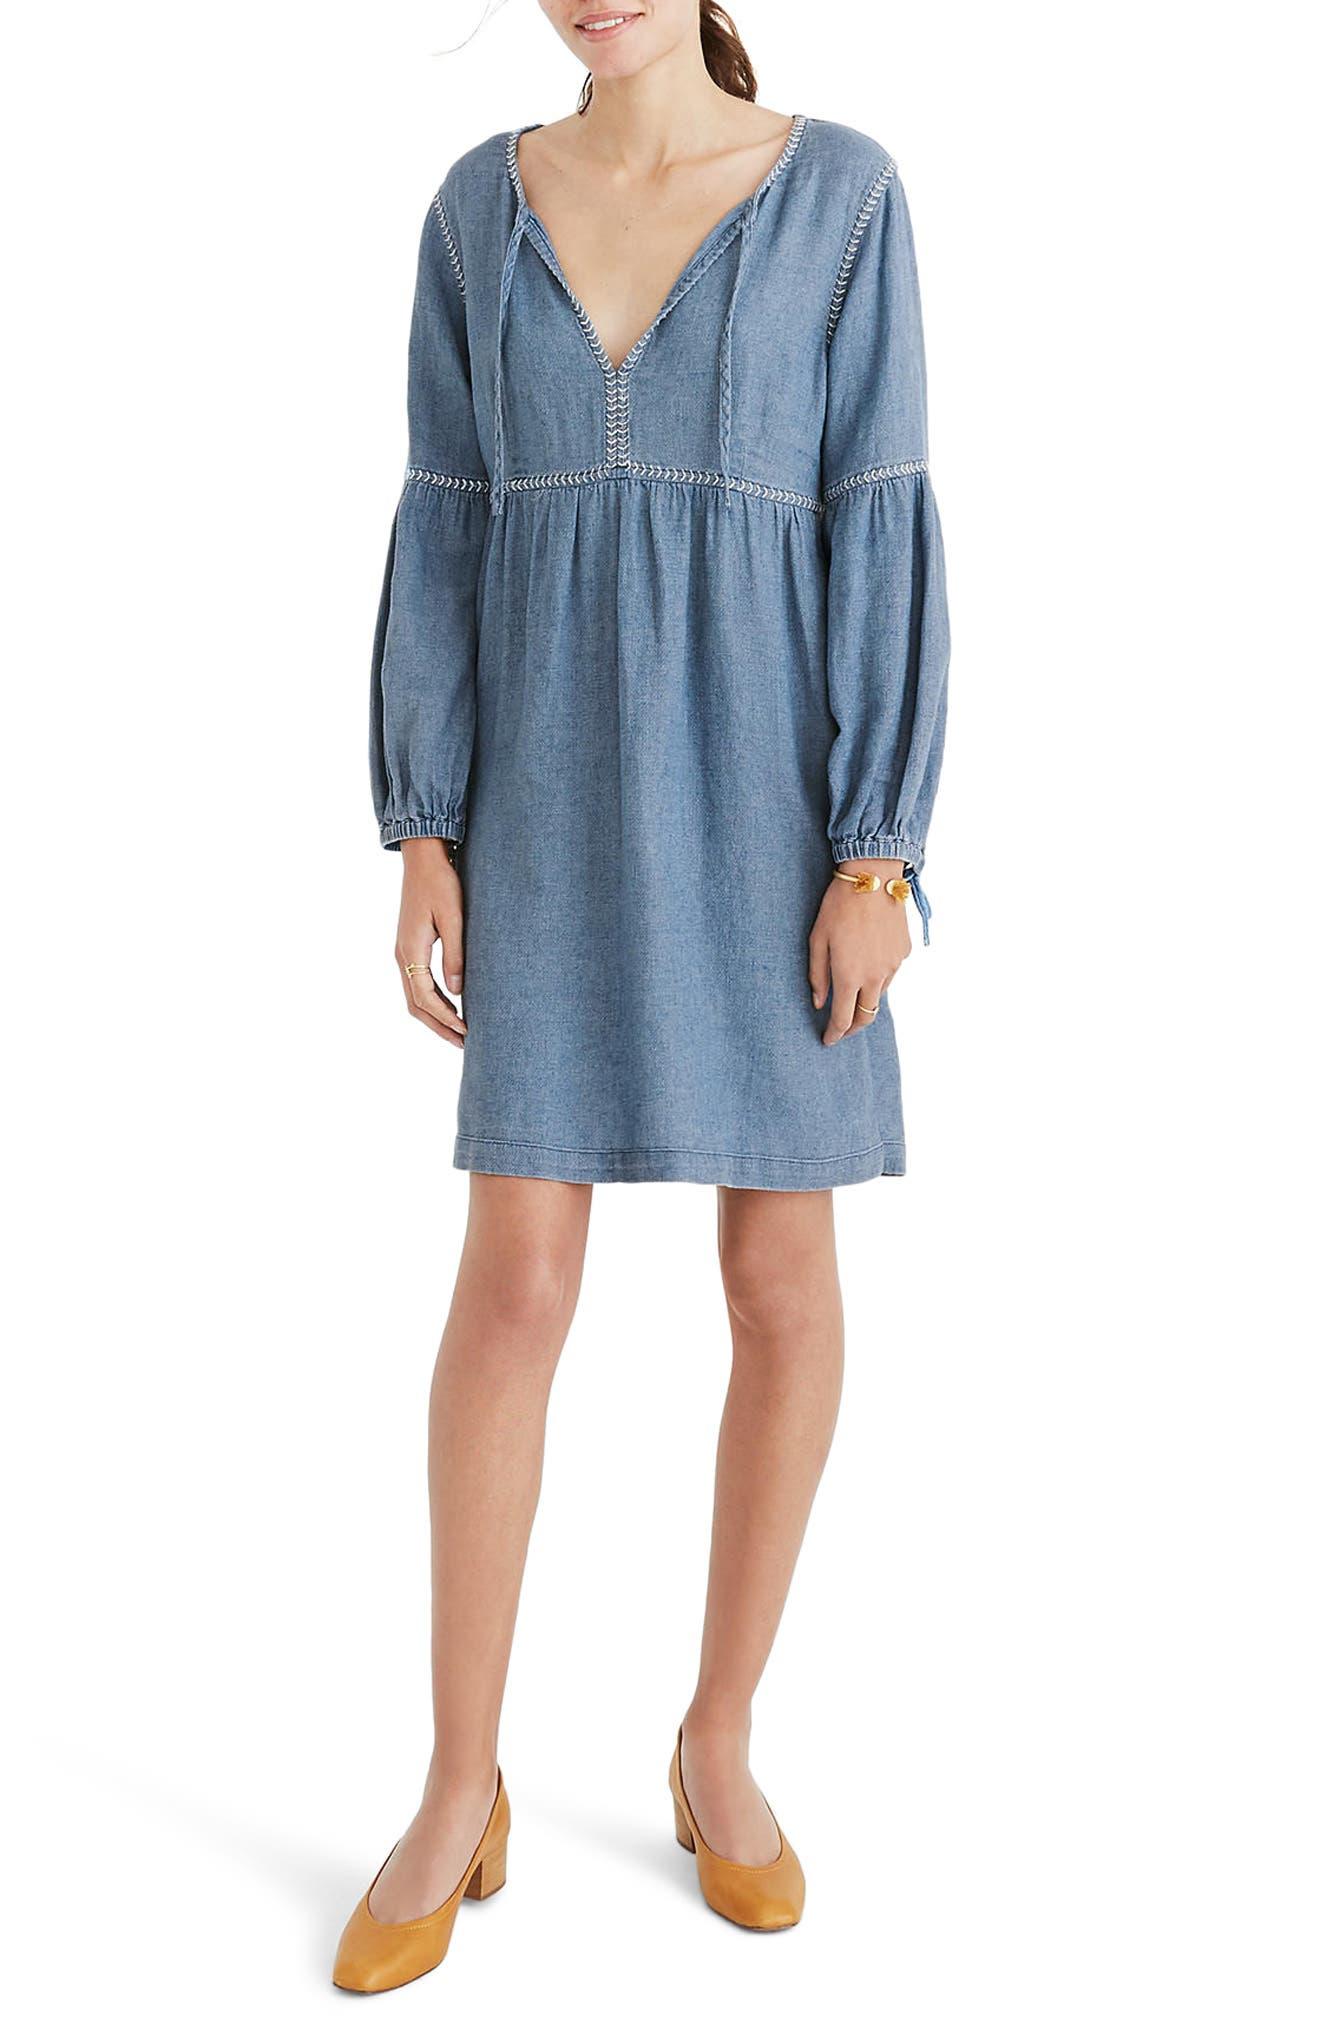 Indigo Peasant Dress,                             Main thumbnail 1, color,                             400